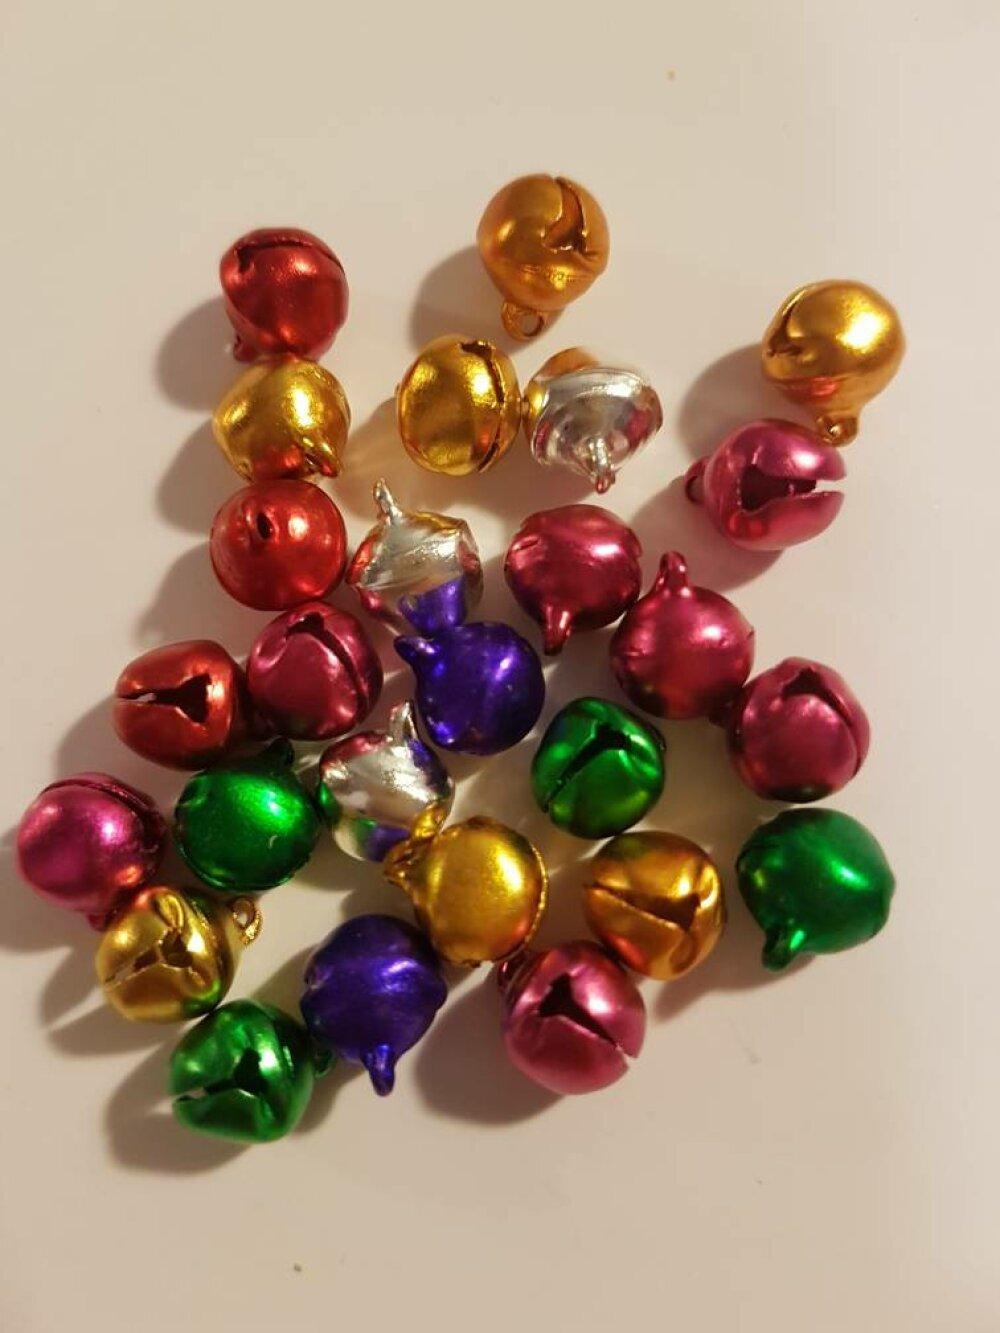 10 grelots de différentes couleurs embellissement de noel pour scrapbooking